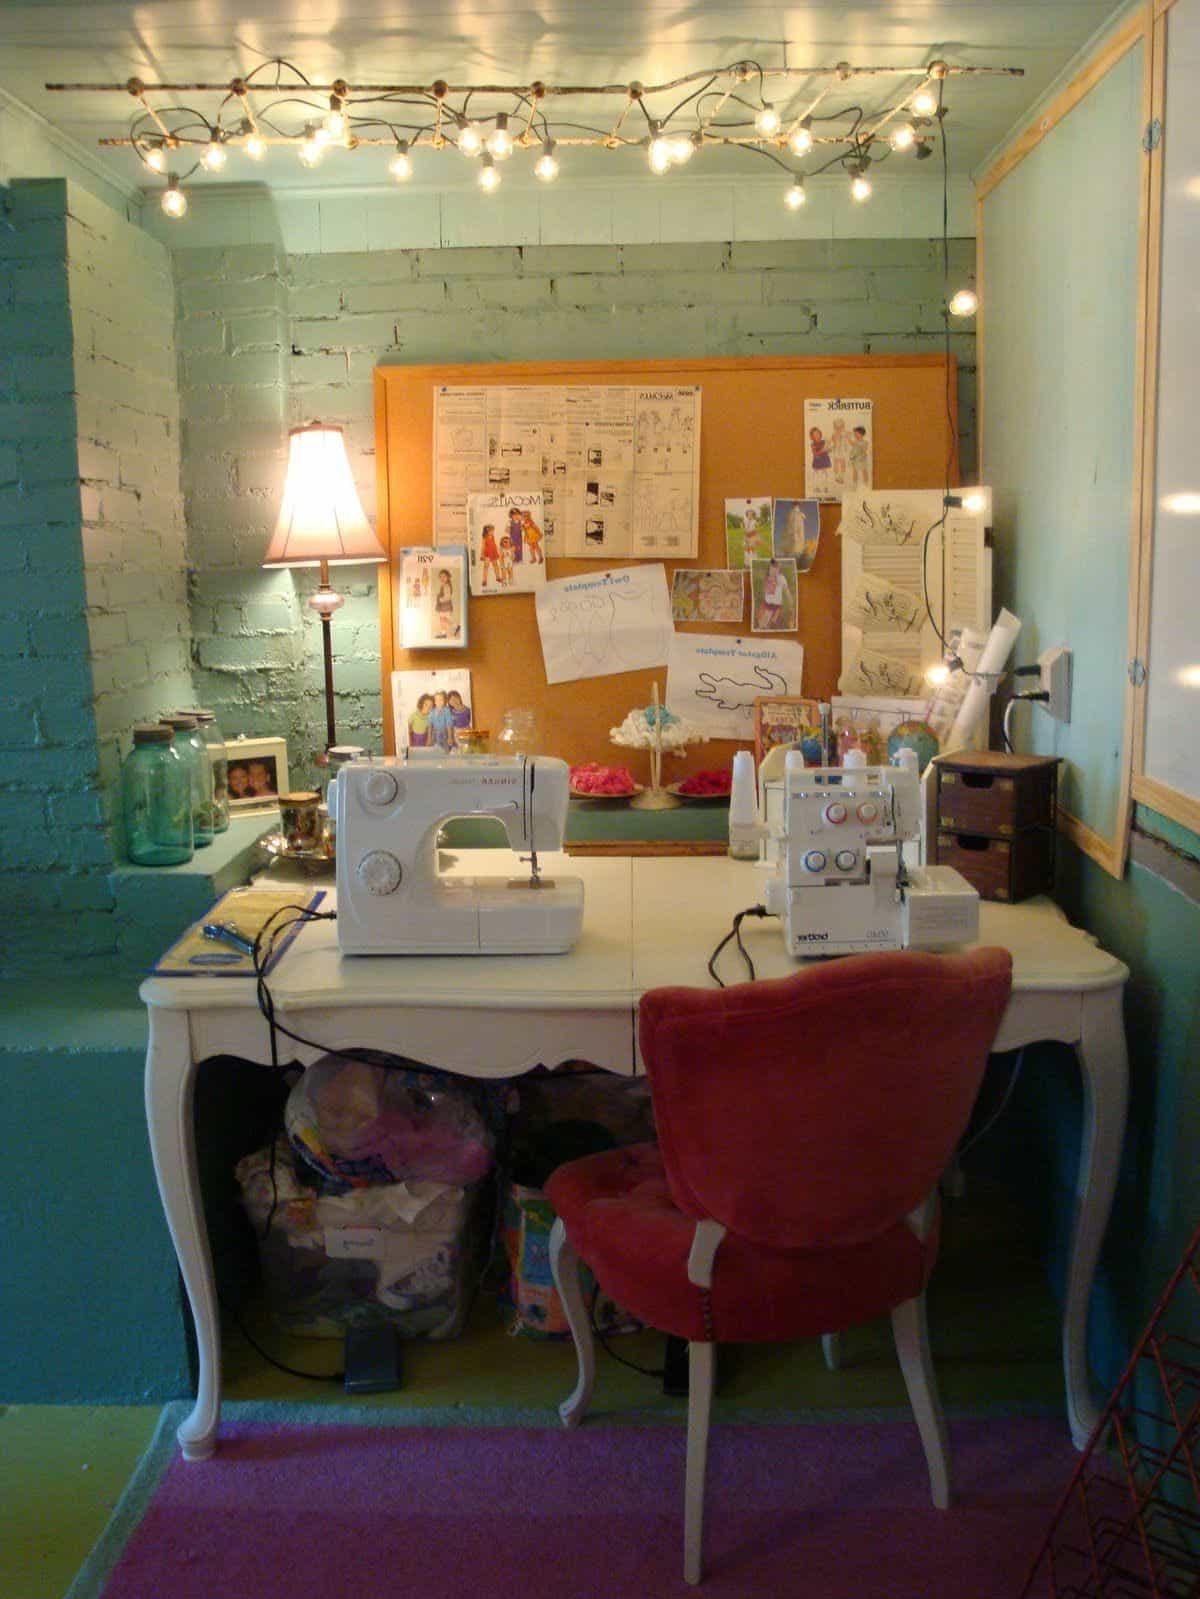 Vous pouvez également les utiliser pour égayer votre bureau ou votre atelier.